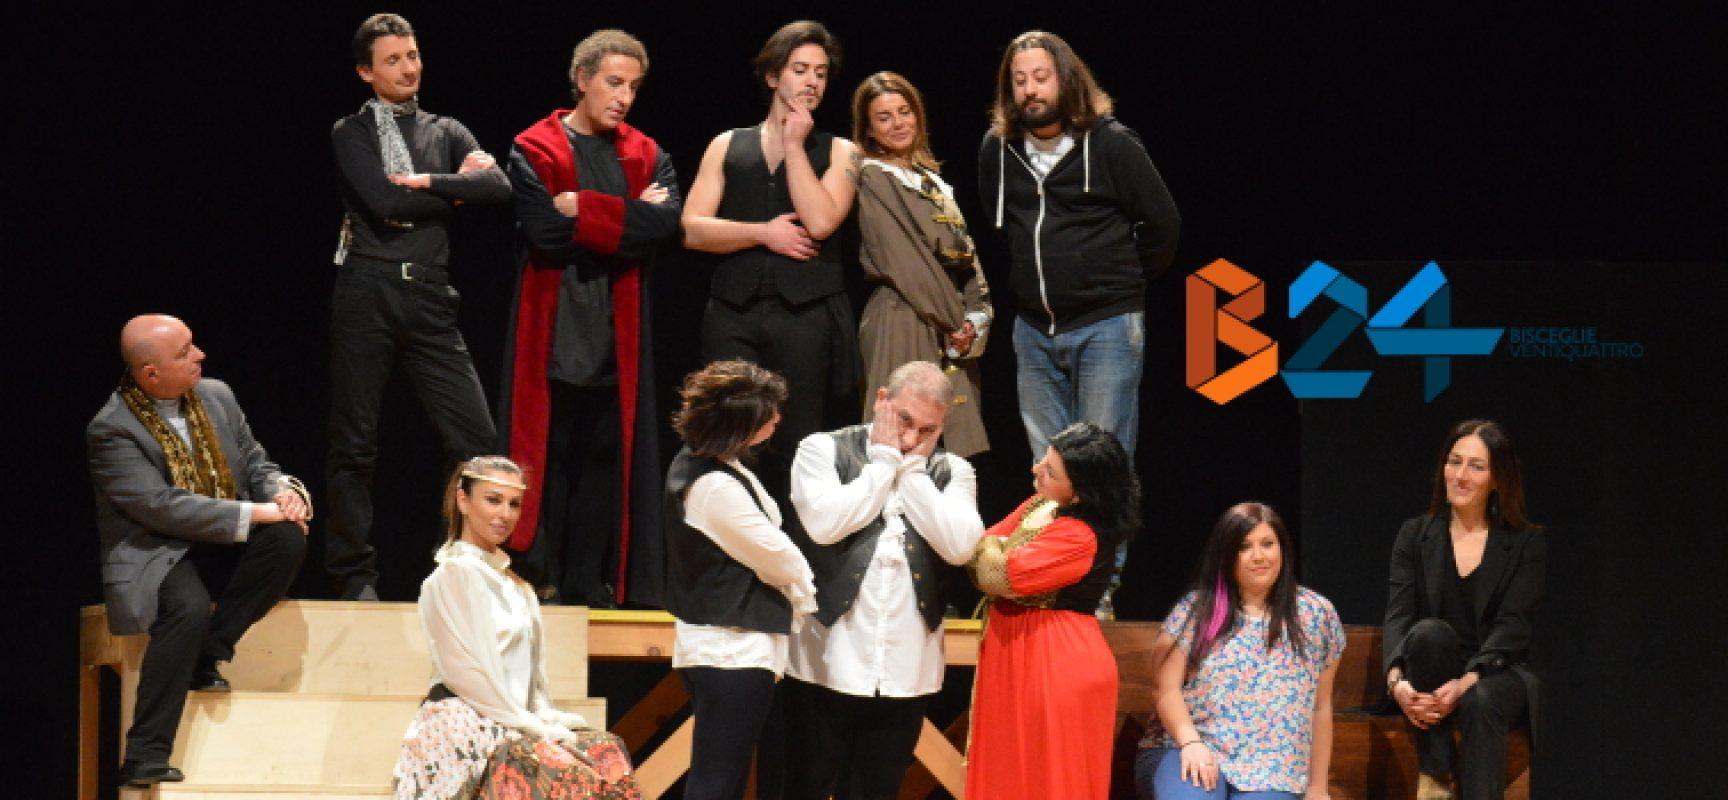 Compagnia dei Teatranti, ansie e vanità degli attori messe in scena al Garibaldi / FOTO